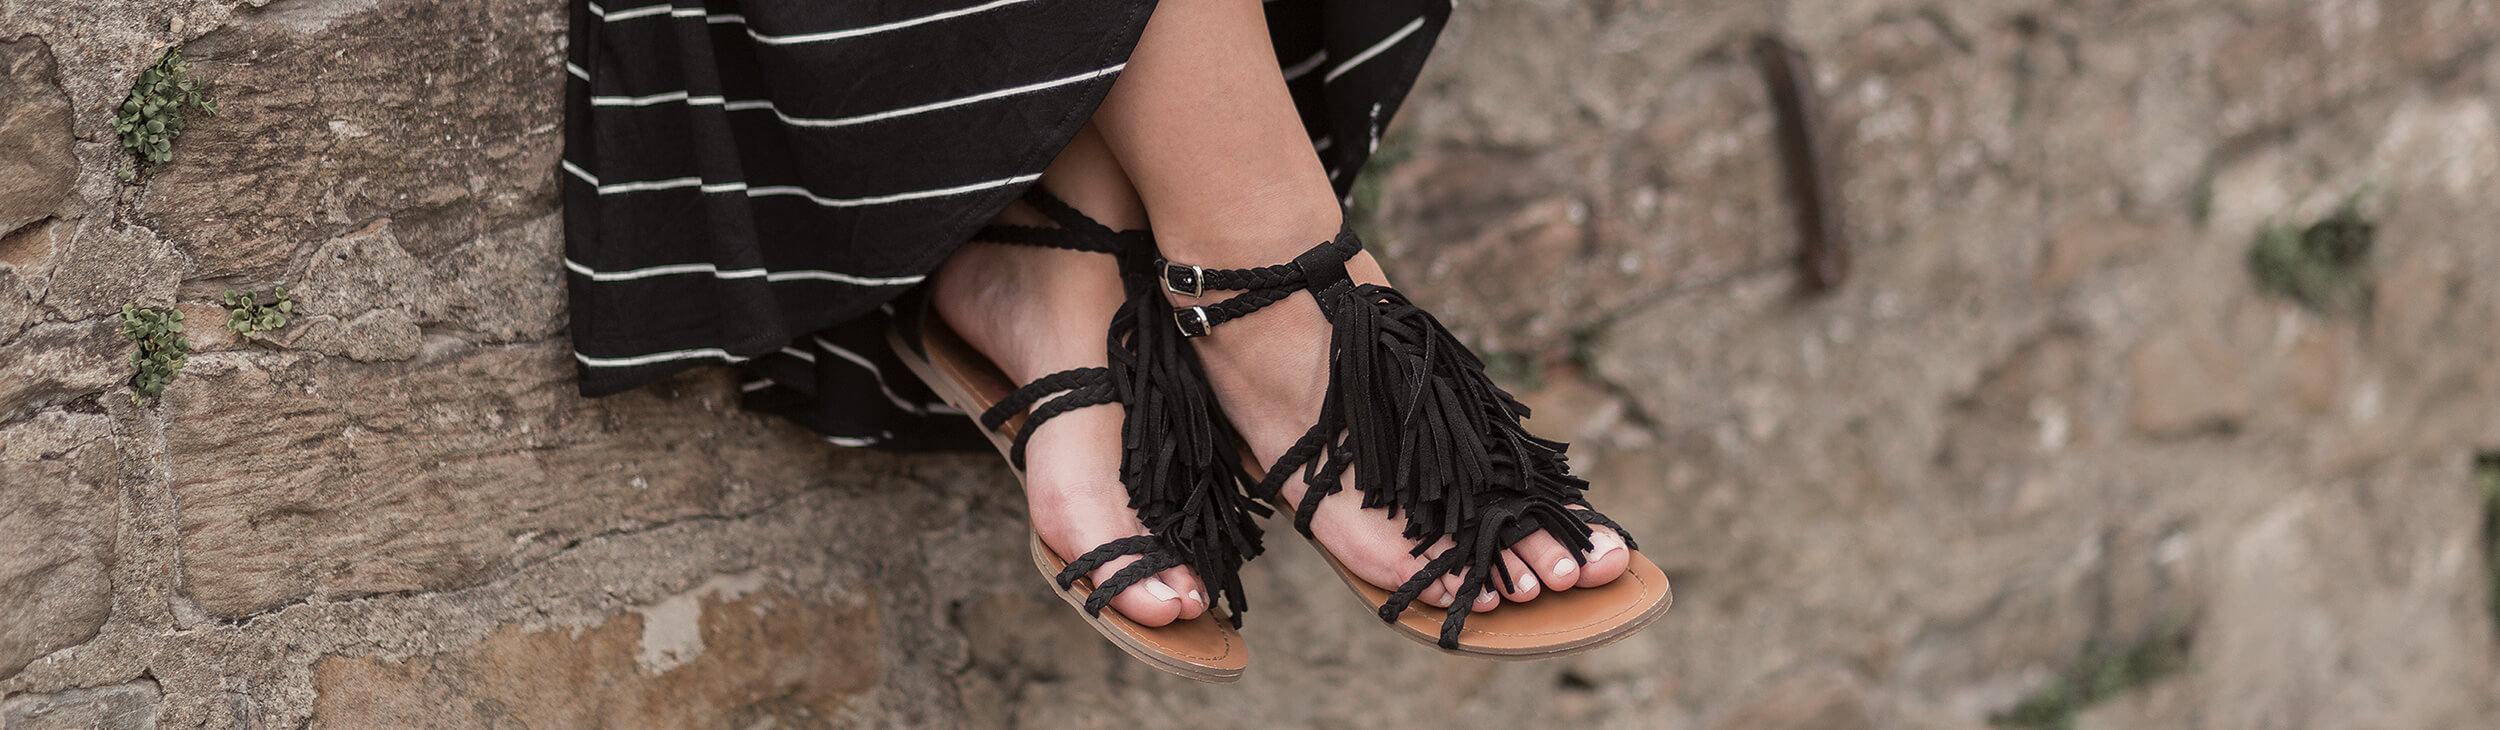 Bequem & Schick Flache Sandalen für den Sommer Shoelove